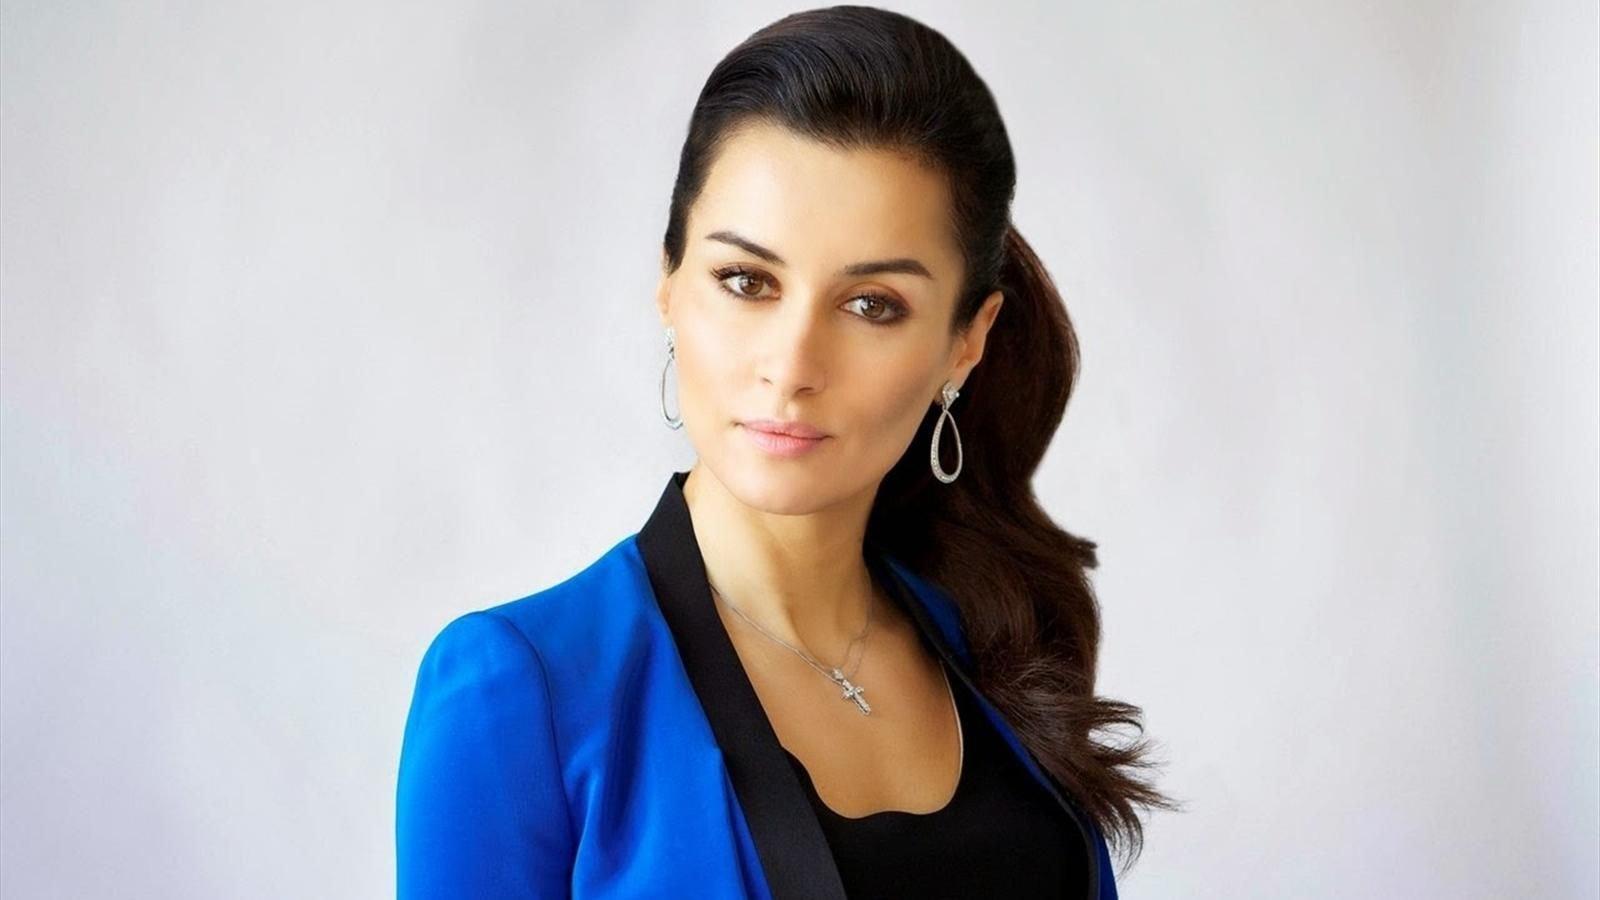 Тина Канделаки поделилась роскошным снимком в алом платье